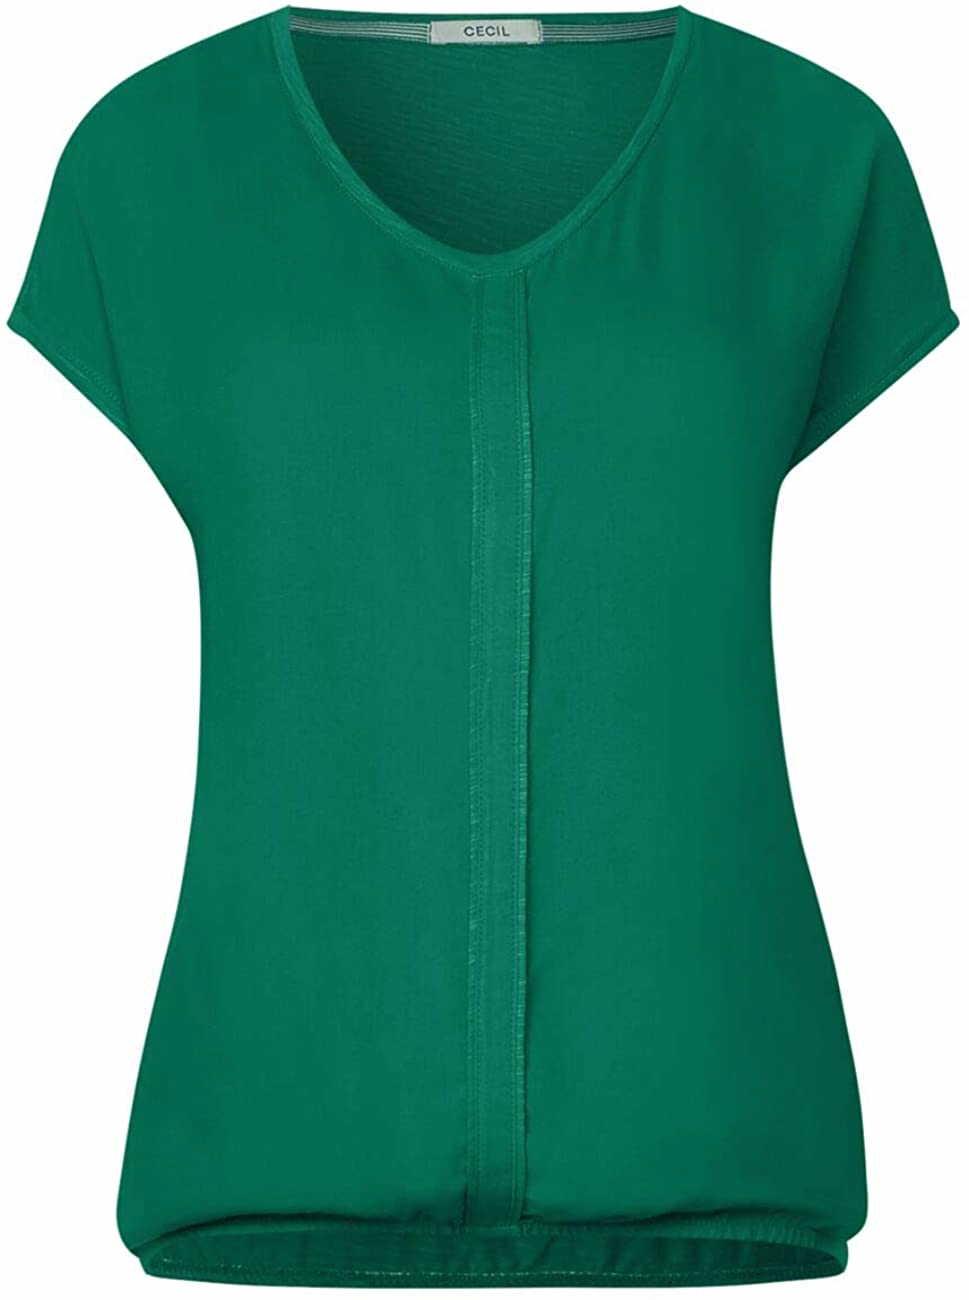 Cecil Rundhals T-Shirt in grün günstig kaufen